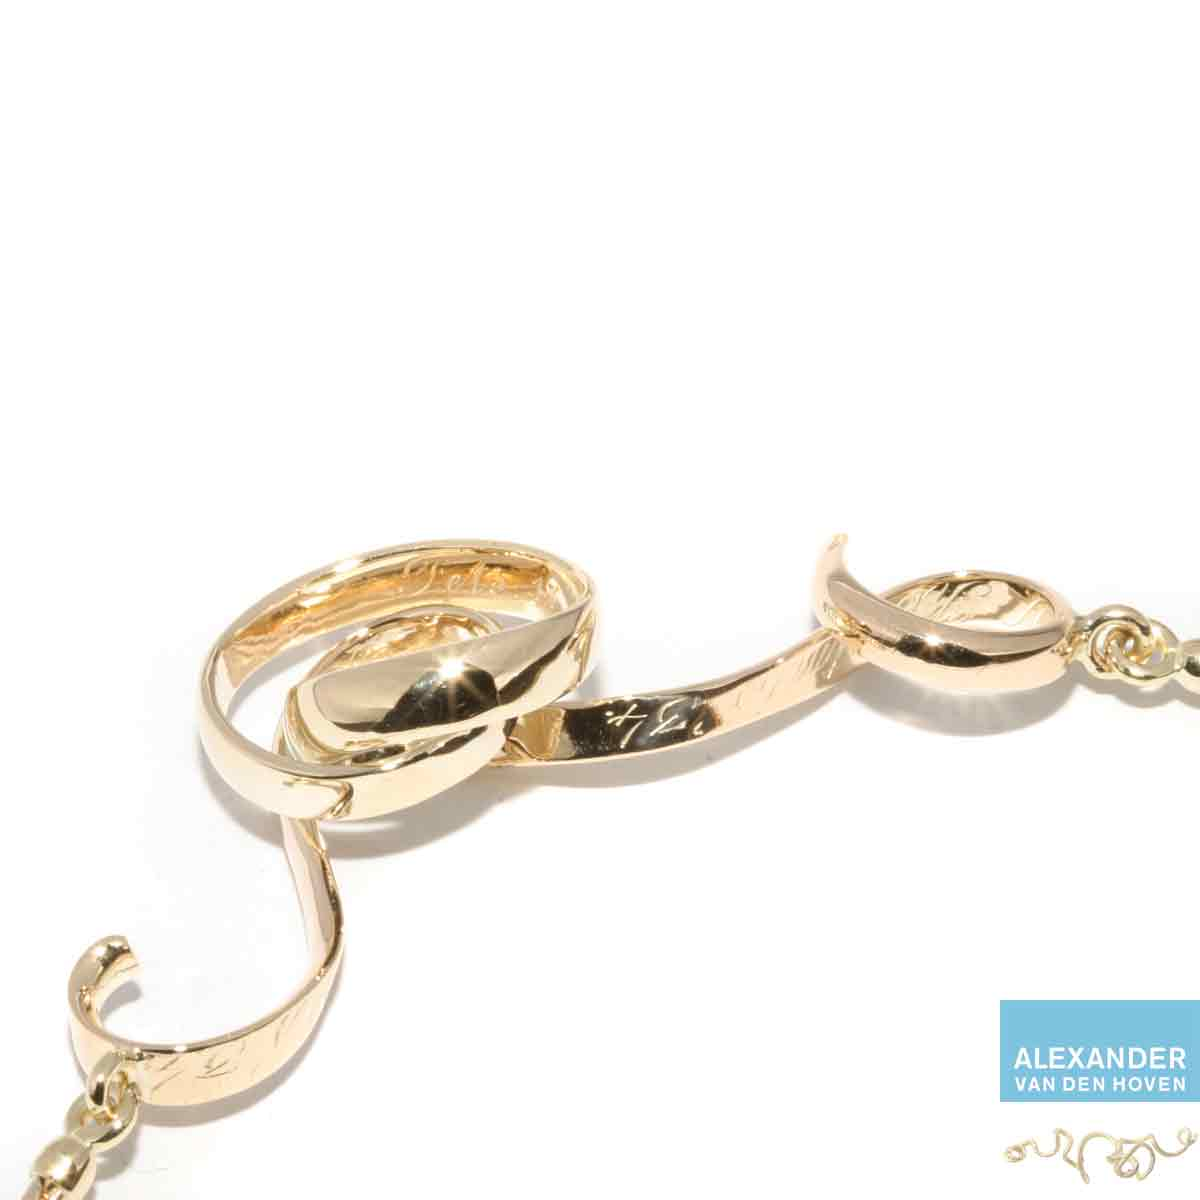 Trouwring-halssieraad-goud